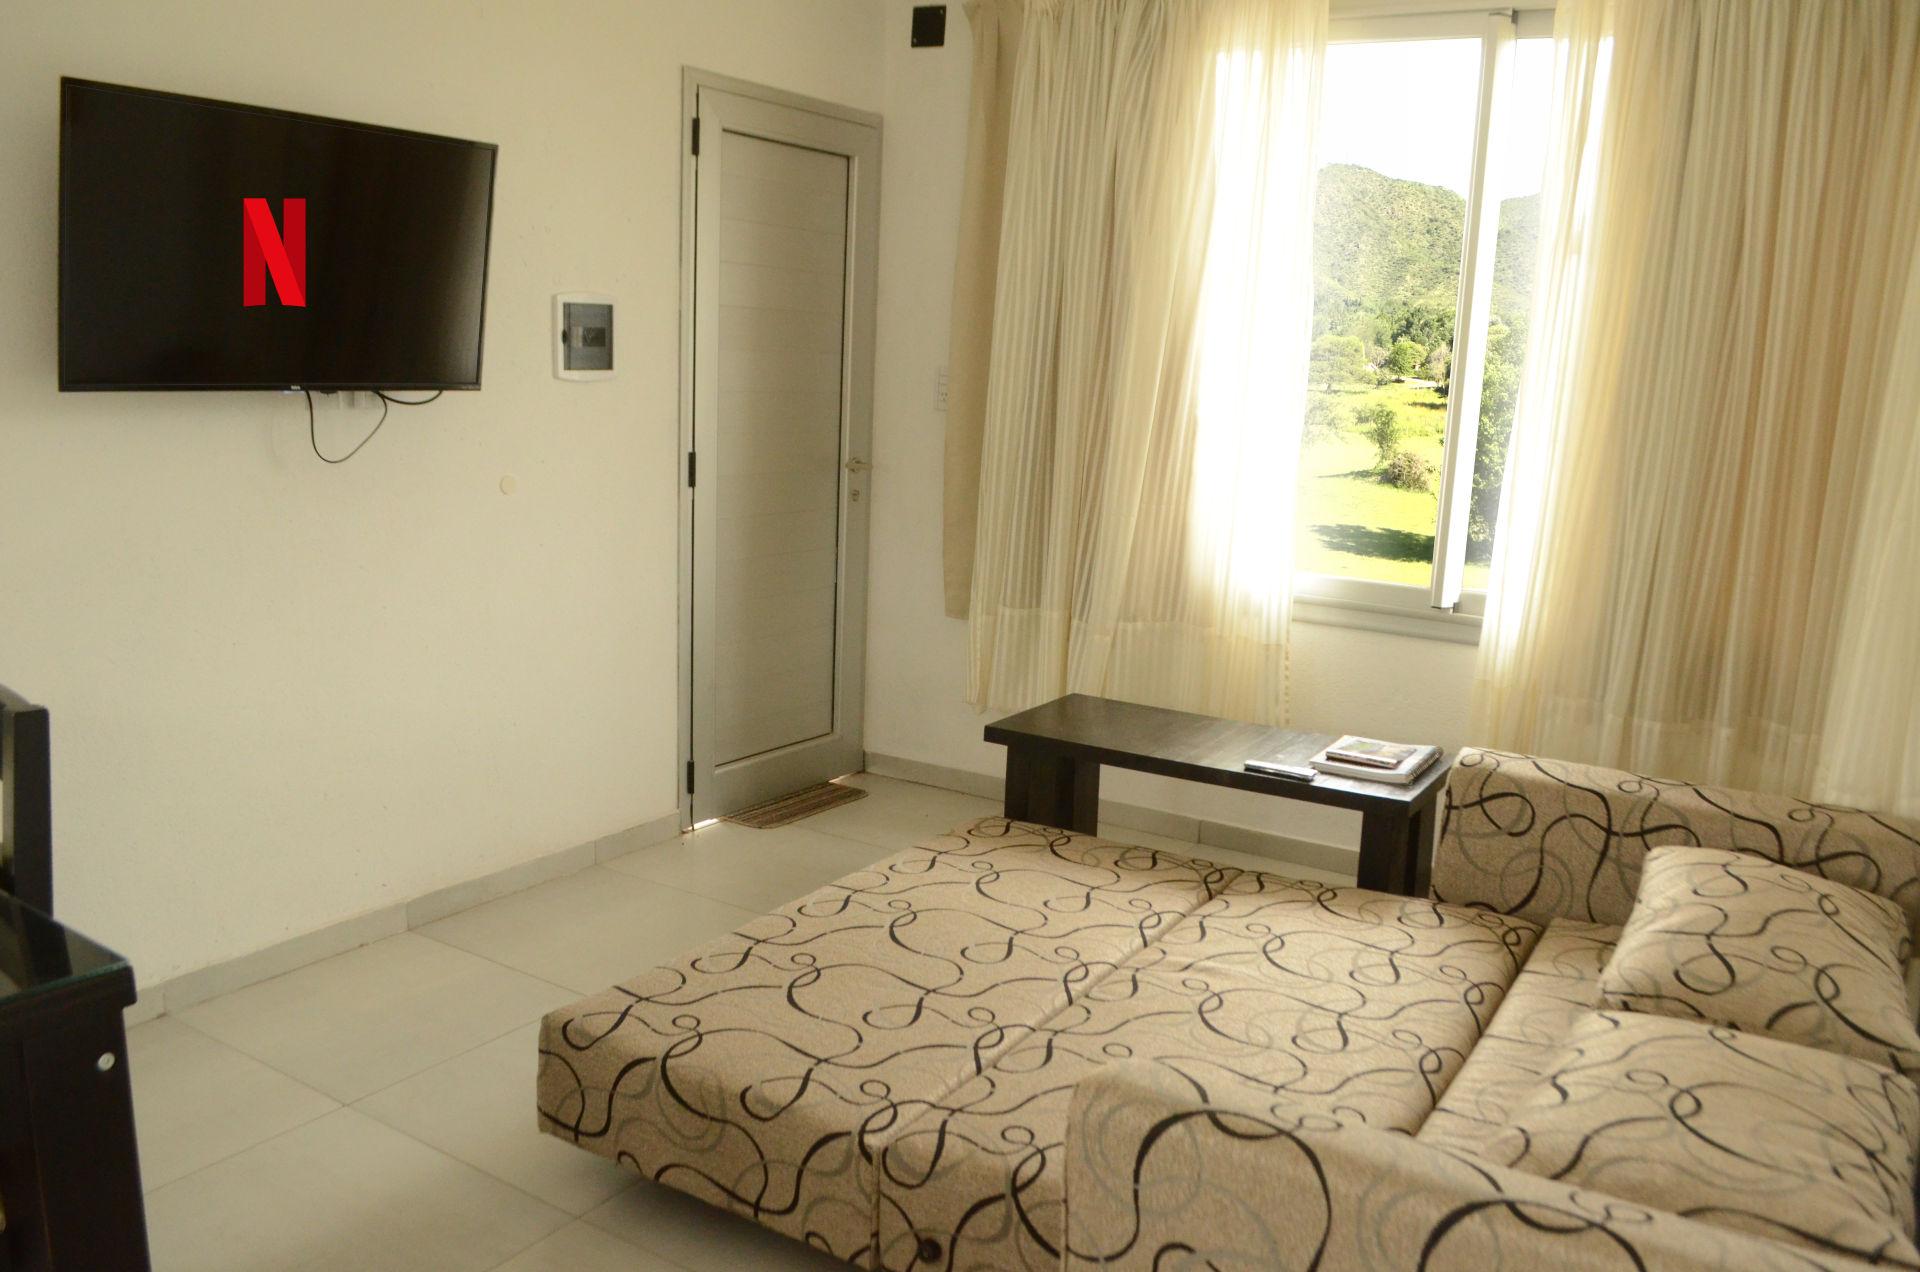 Sofa cama dos plazas netflix tv cable hotel los condores sierras villa general belgrano cordoba